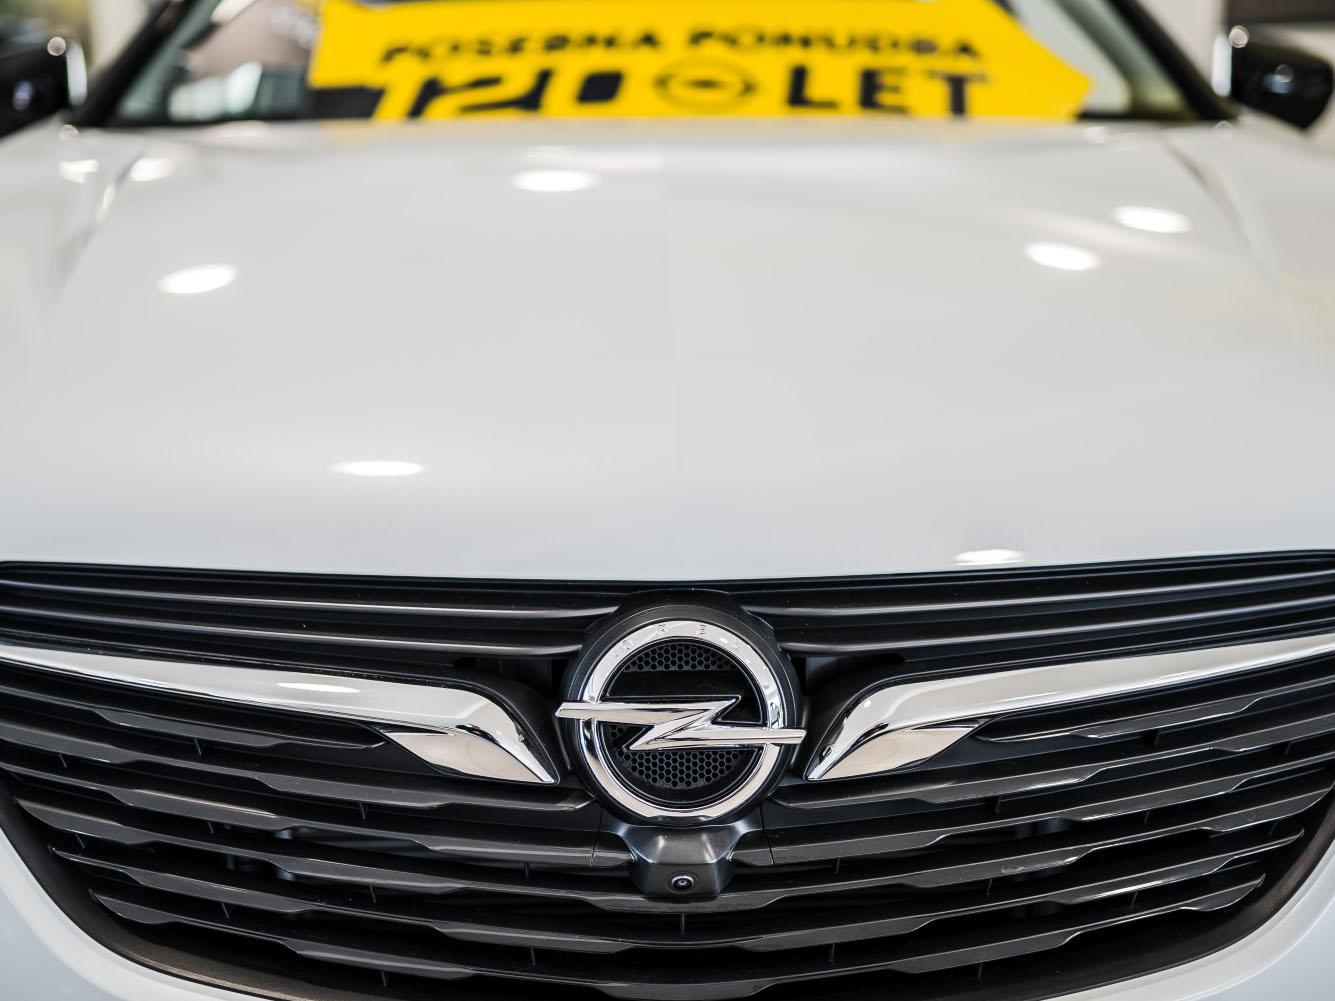 avtohisa-zalar-opel-nova-rabljena-vozila-avtomobili-servis-vzdrzevanje-zavarovanje-registracija-nakup-garancija-jamst (86)